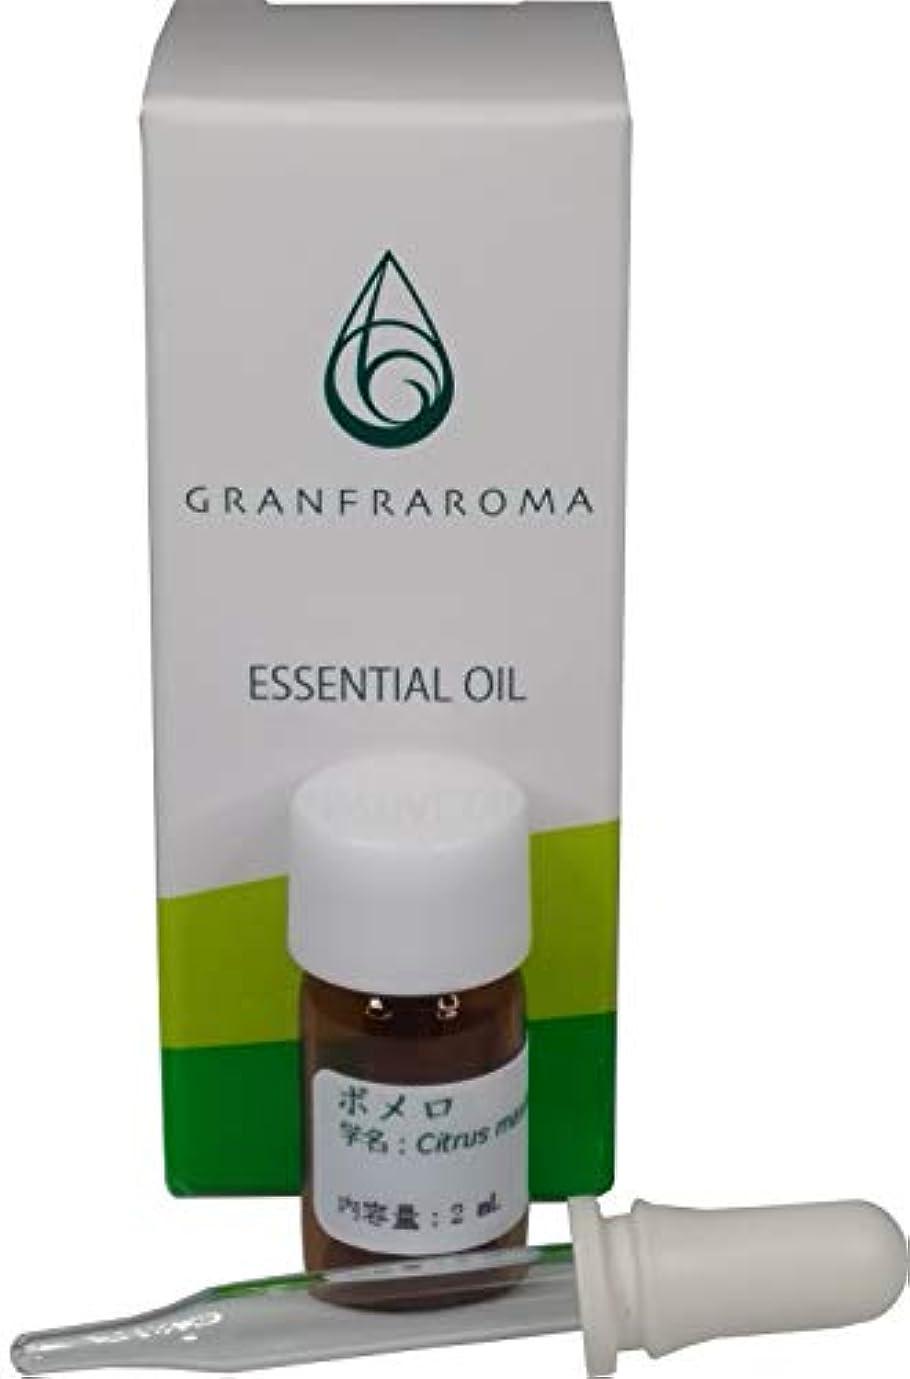 手入れ特別な転倒(グランフラローマ)GRANFRAROMA 精油 ポメロ 溶剤抽出法 エッセンシャルオイル 2ml